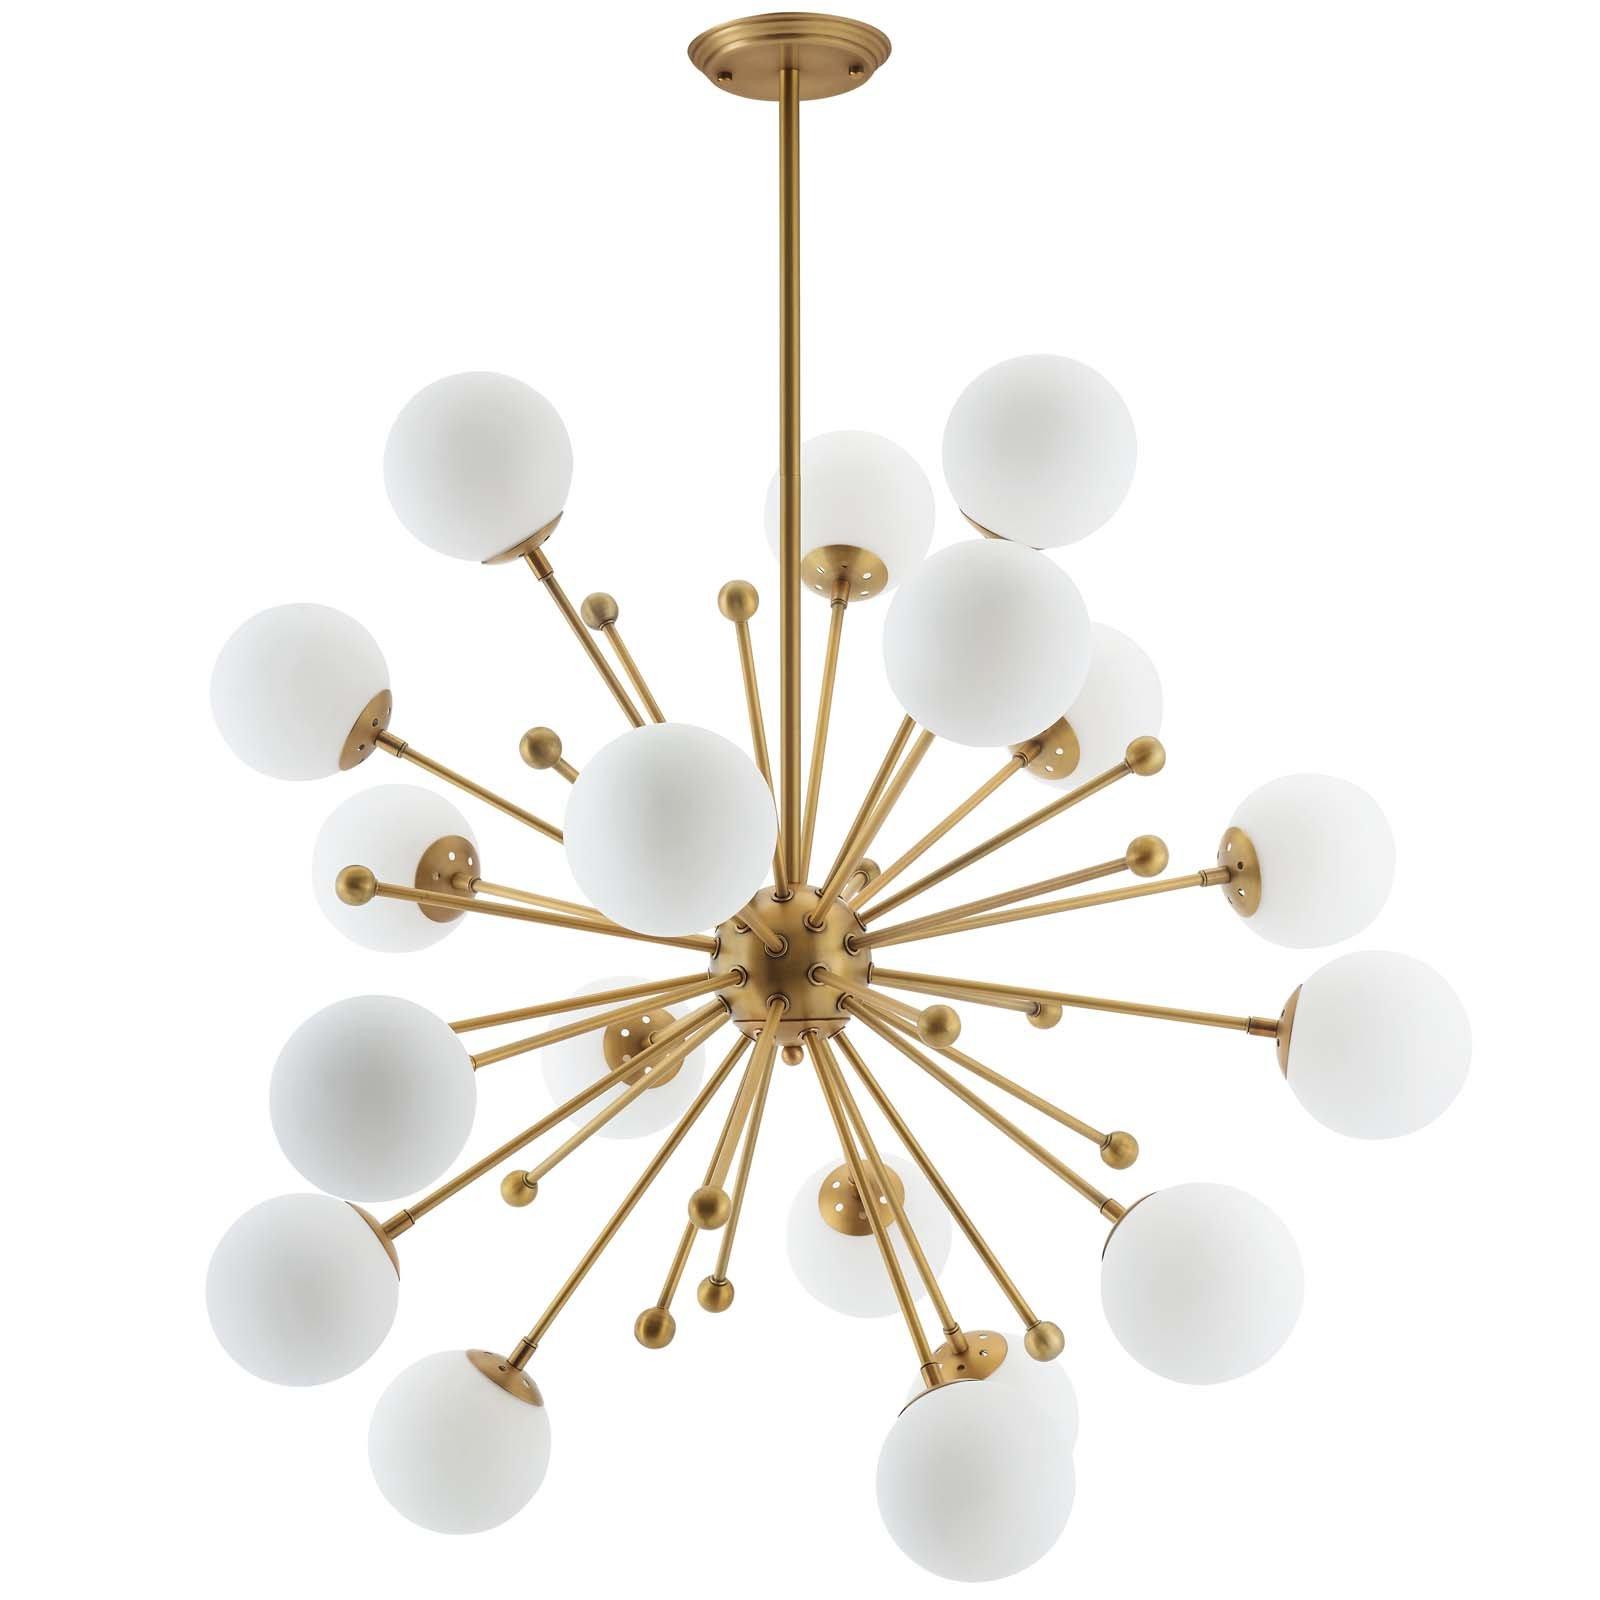 Recent Defreitas 18 Light Sputnik Chandeliers For Bomar 18 Light Sputnik Chandelier (View 9 of 20)